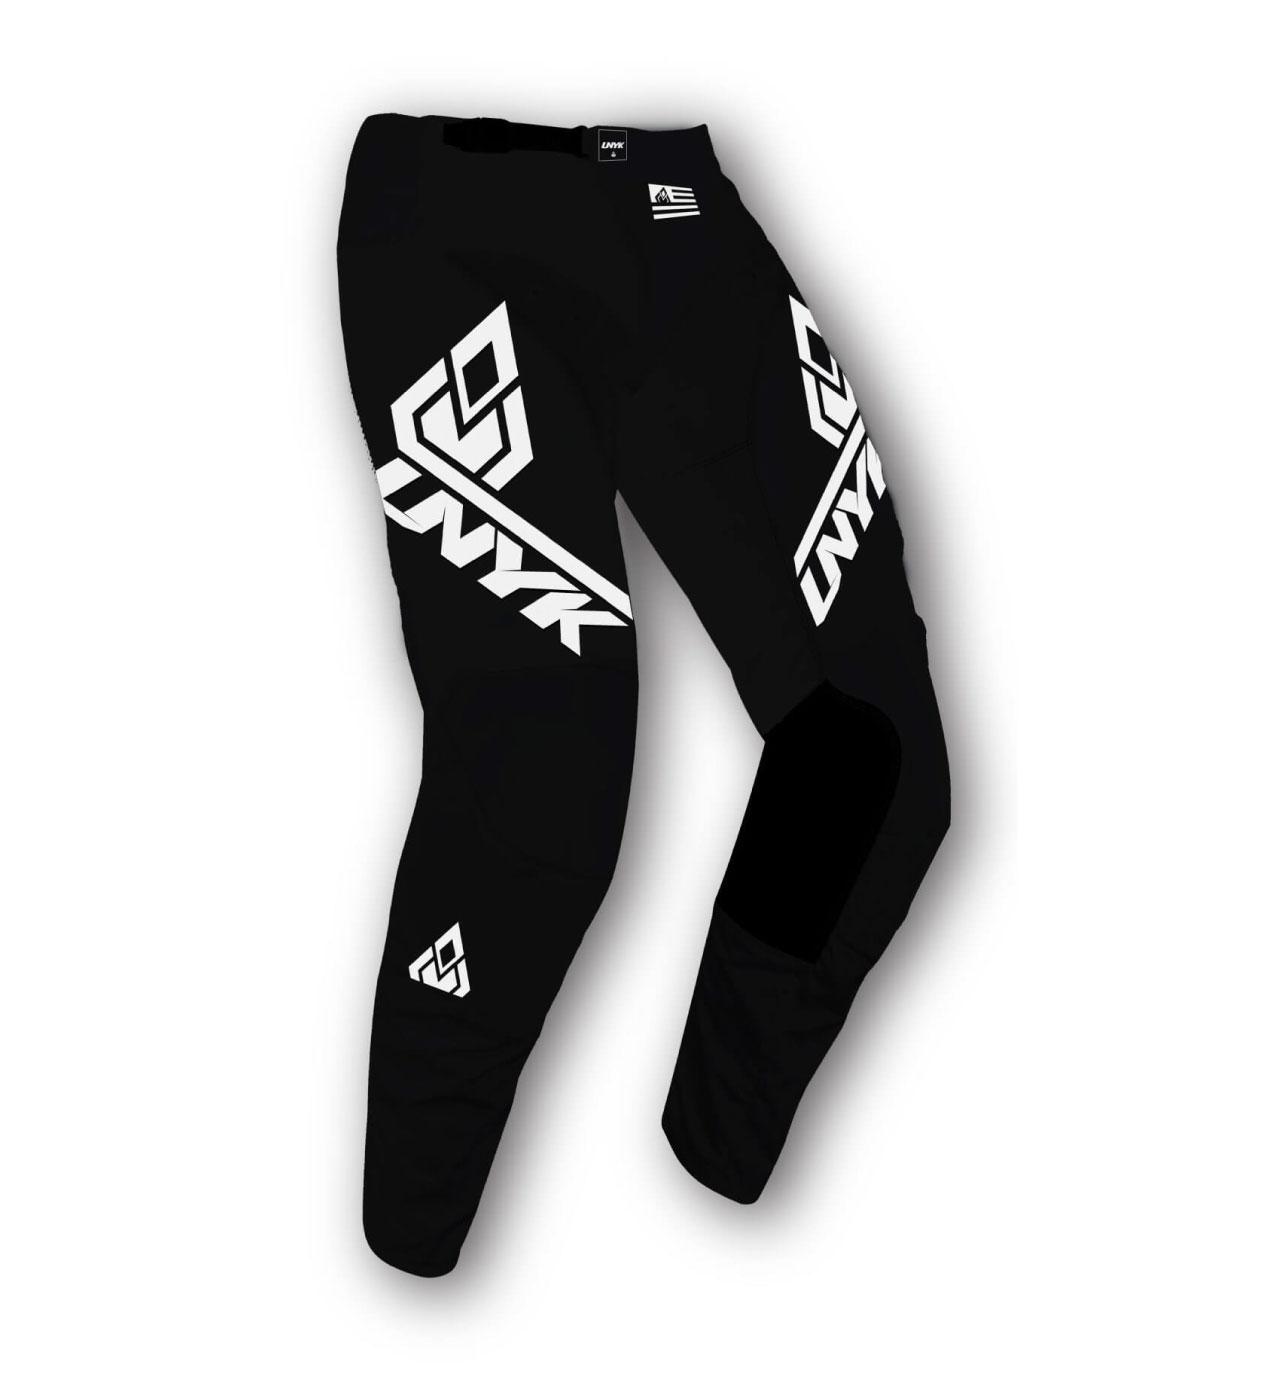 ausgewähltes Material 100% Zufriedenheitsgarantie Laufschuhe UNYKMX Pant- Pionyr Black